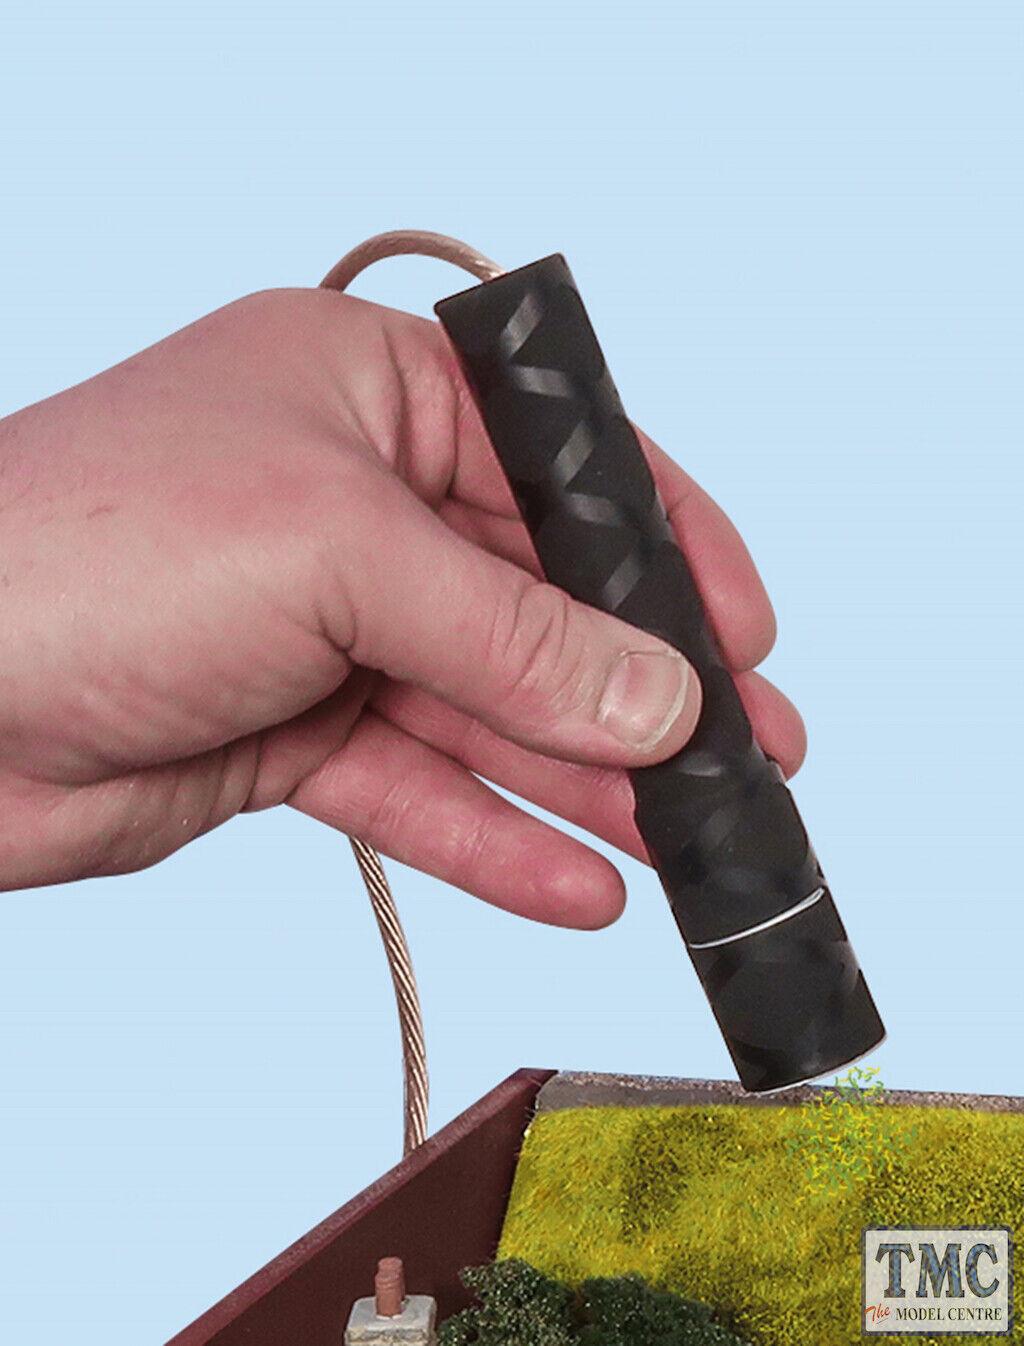 PSG-3 Peco Pro Grass Precision Micro Applicator